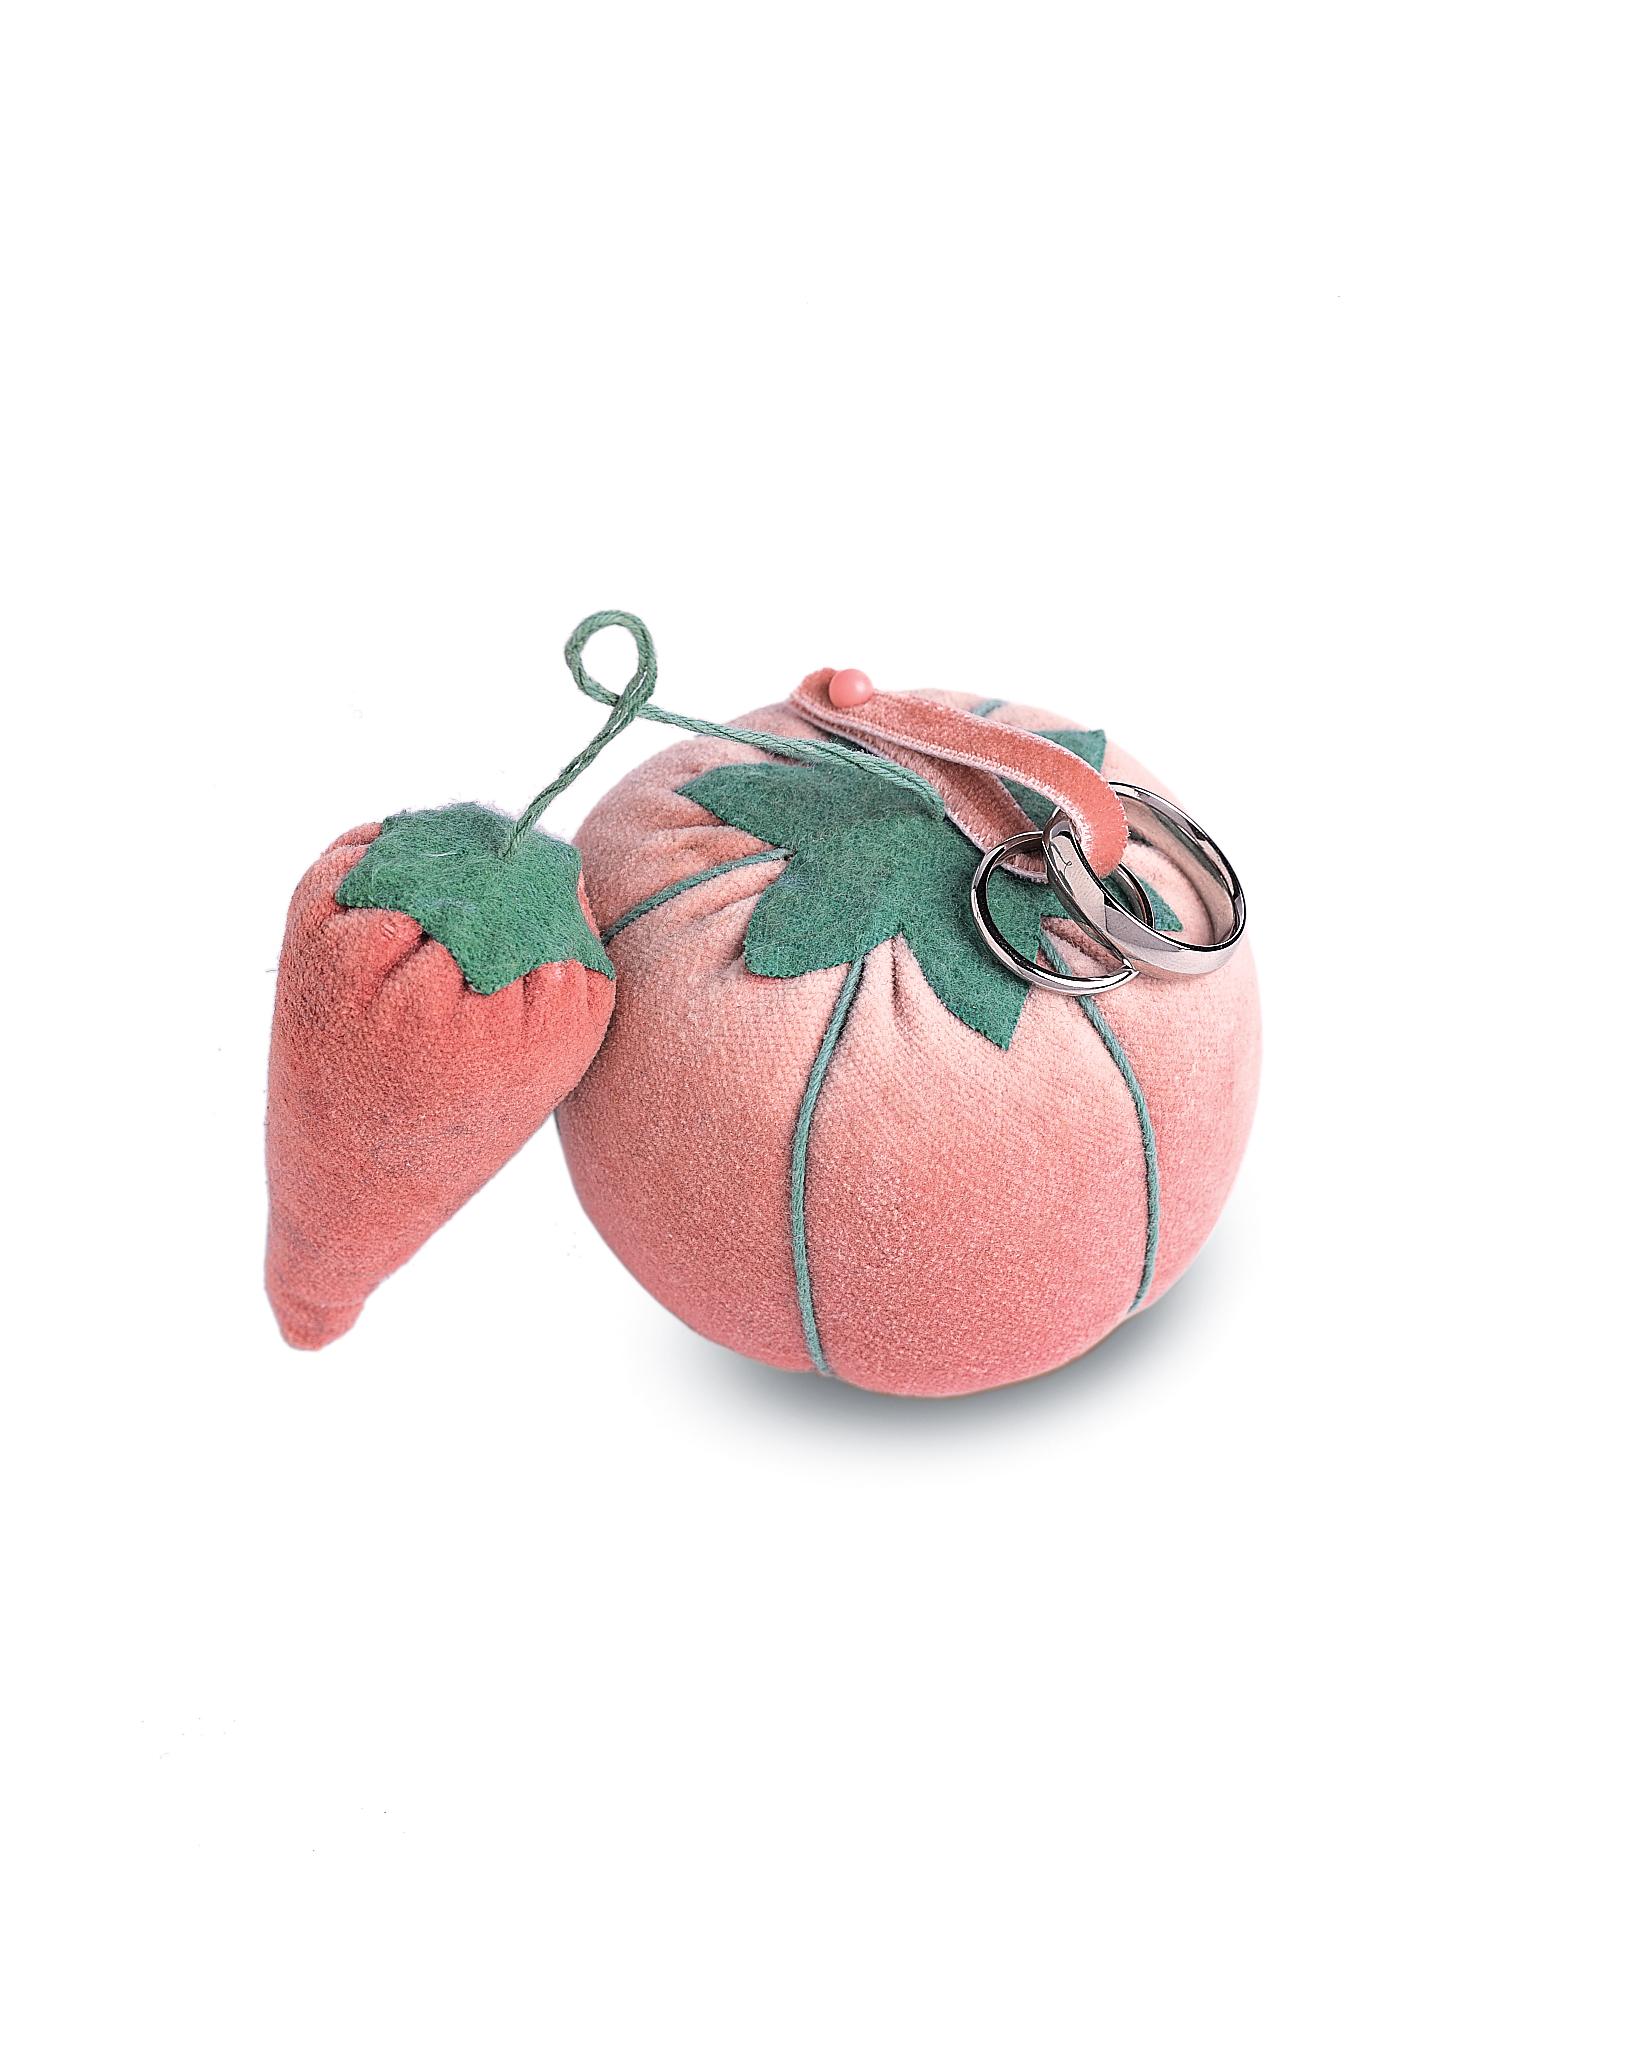 diy-ring-pillows-mw810a07-pincushion-0515.jpg